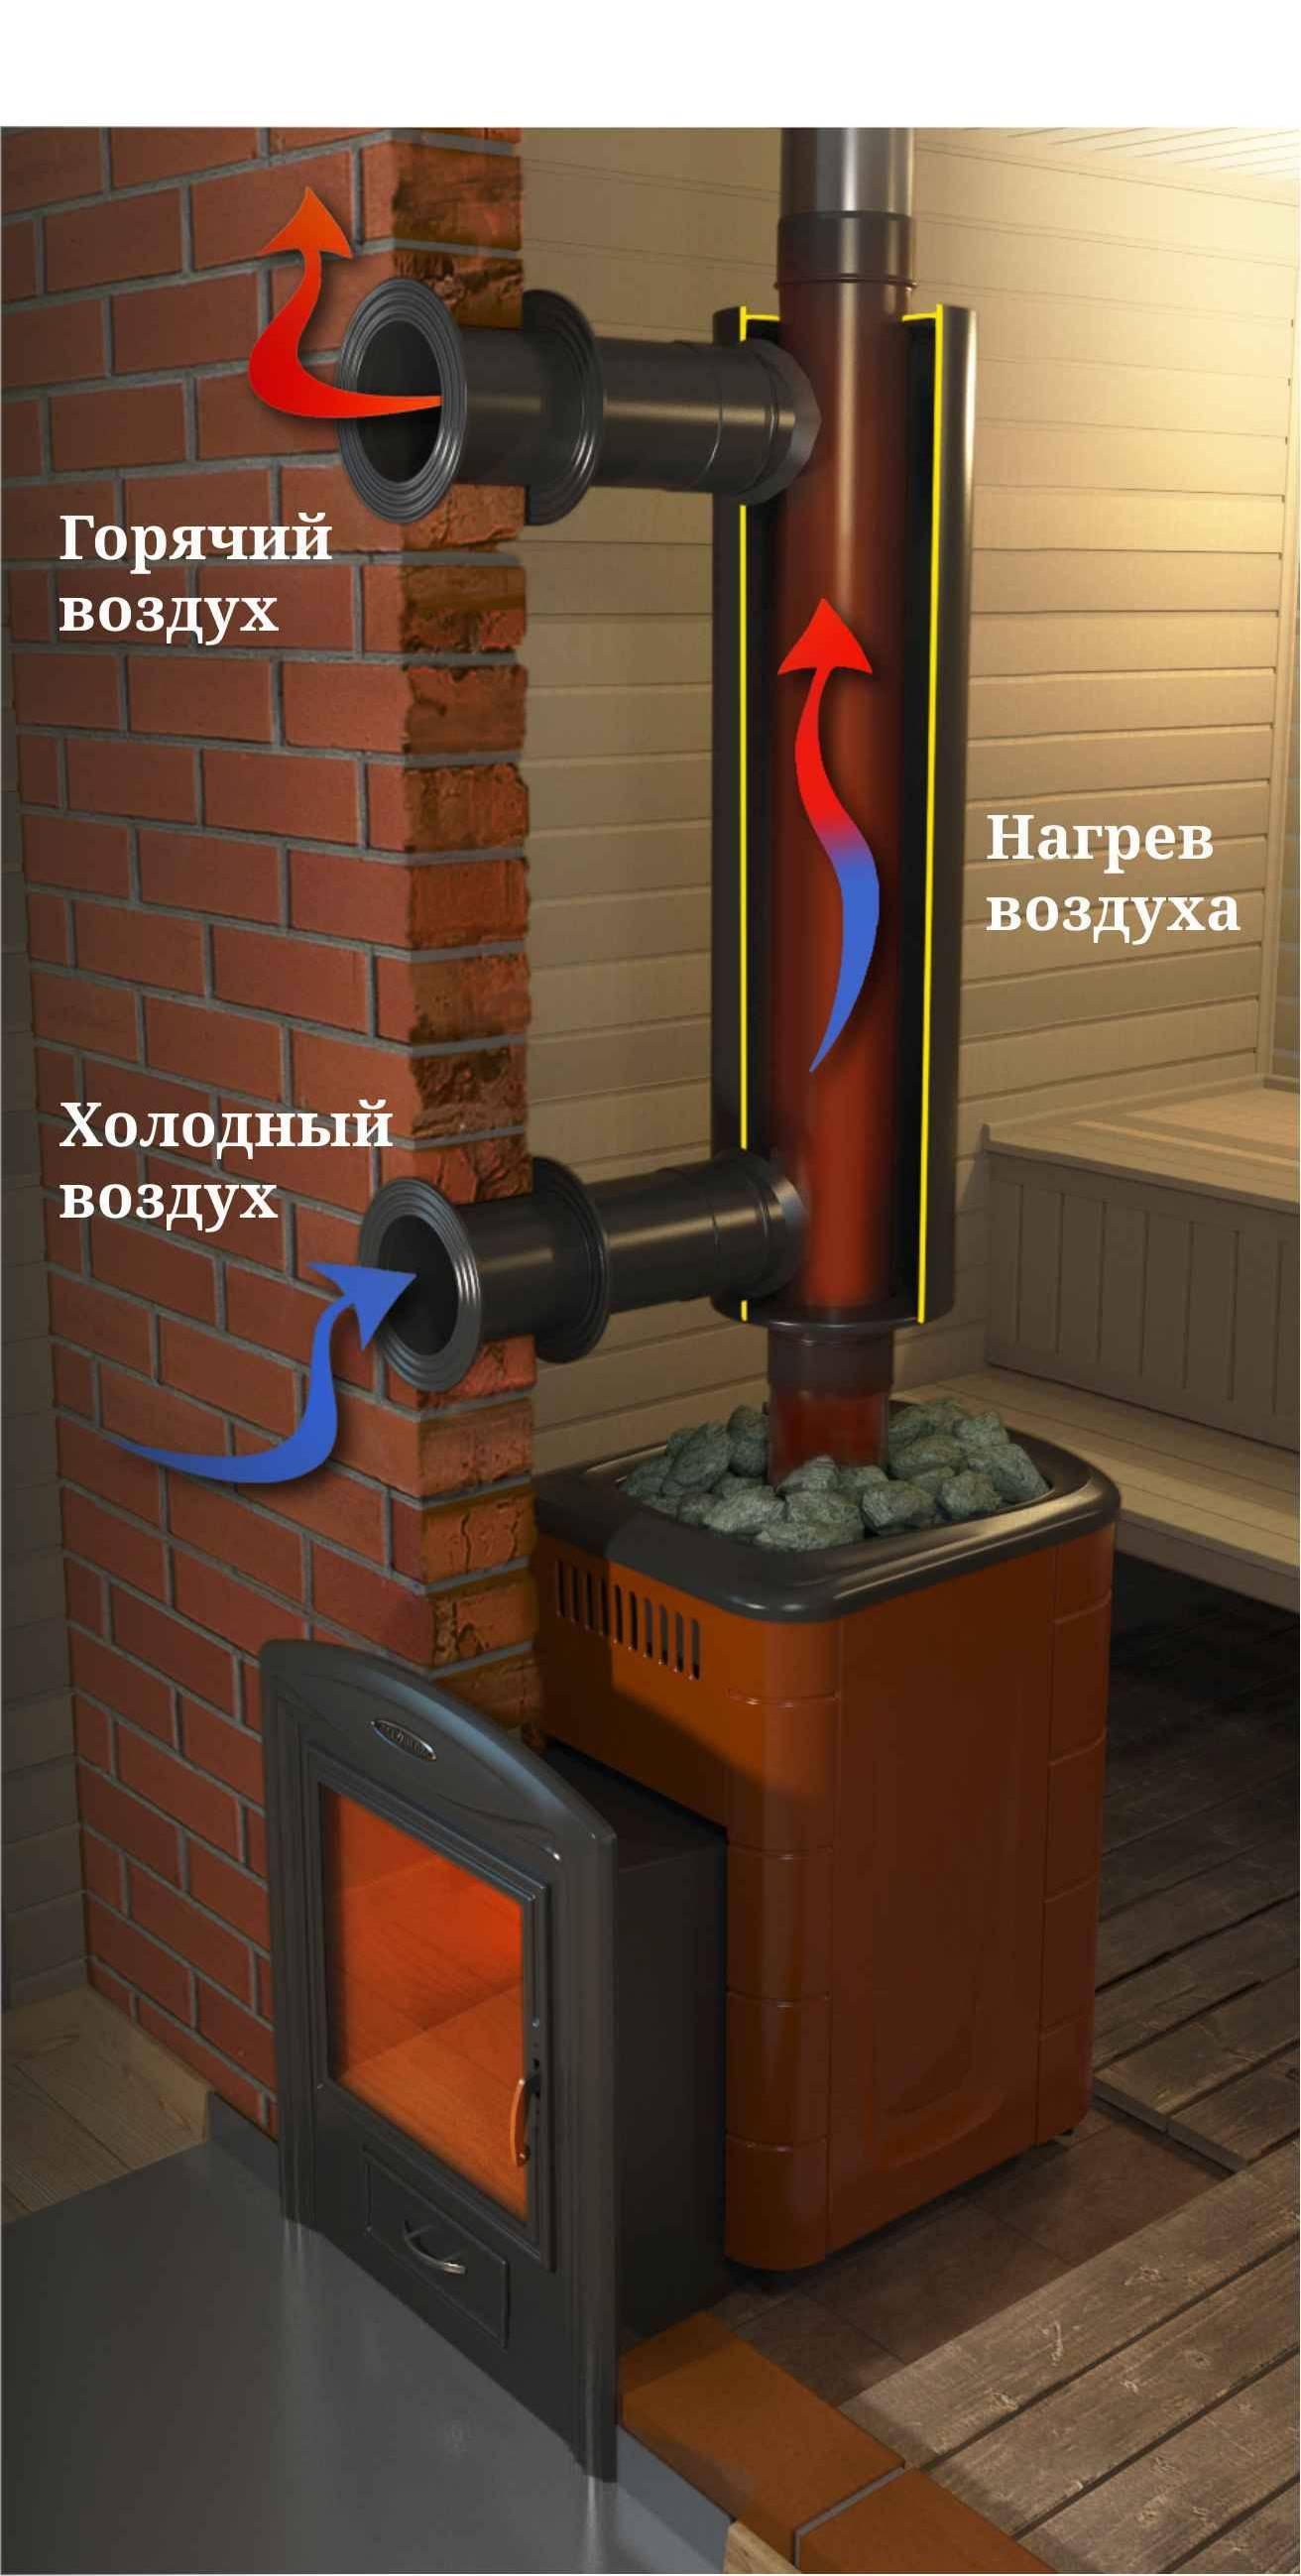 Отопление теплицы: печи длительного горения дровами и их преимущества перед другими методами обогрева